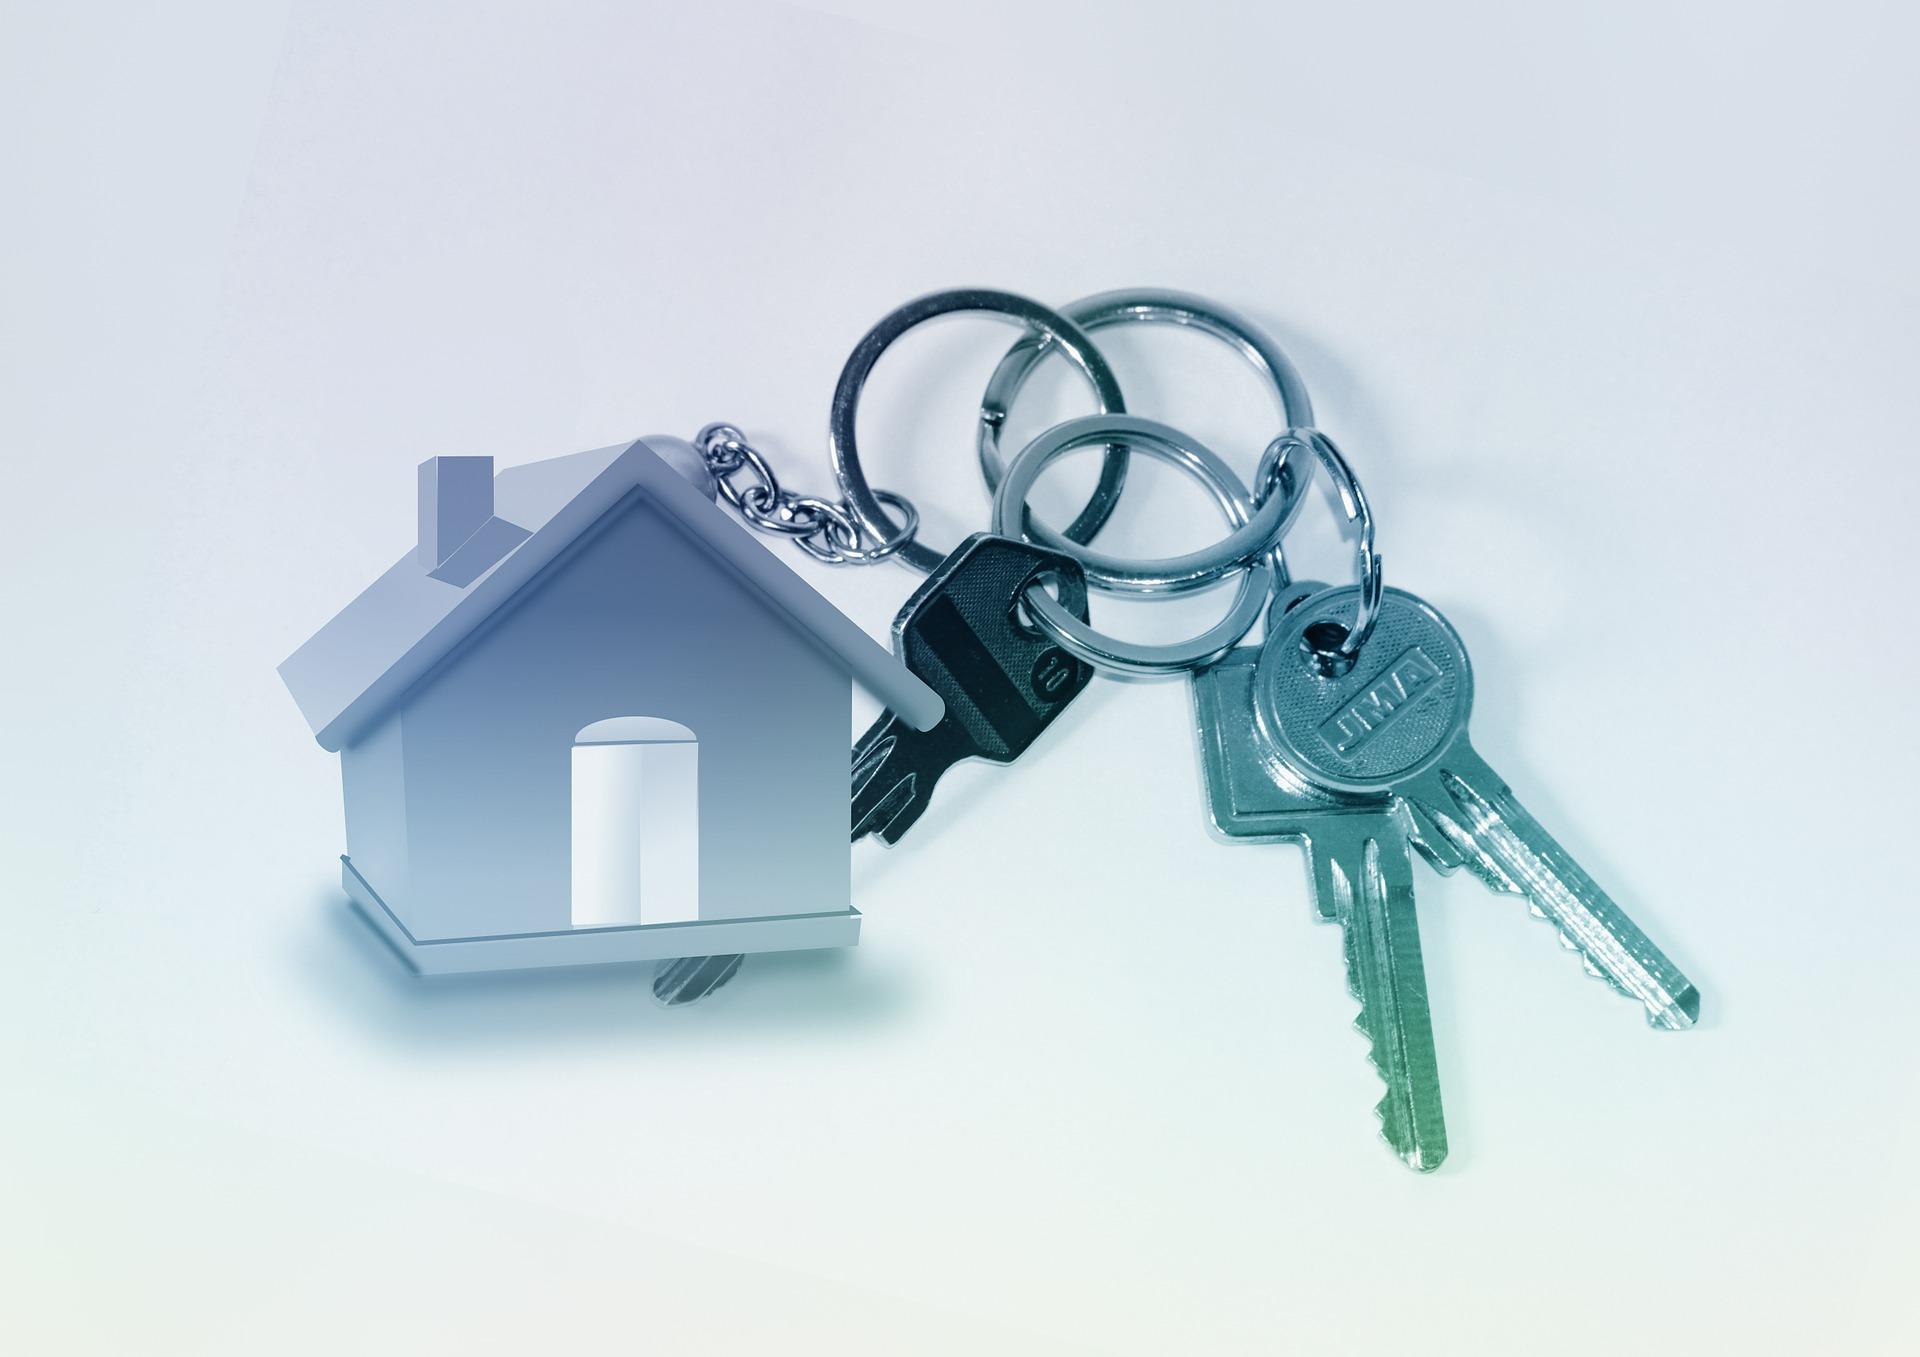 Administradora de Condomínios em bh/belo horizonte | Custos Fixos e Variáveis